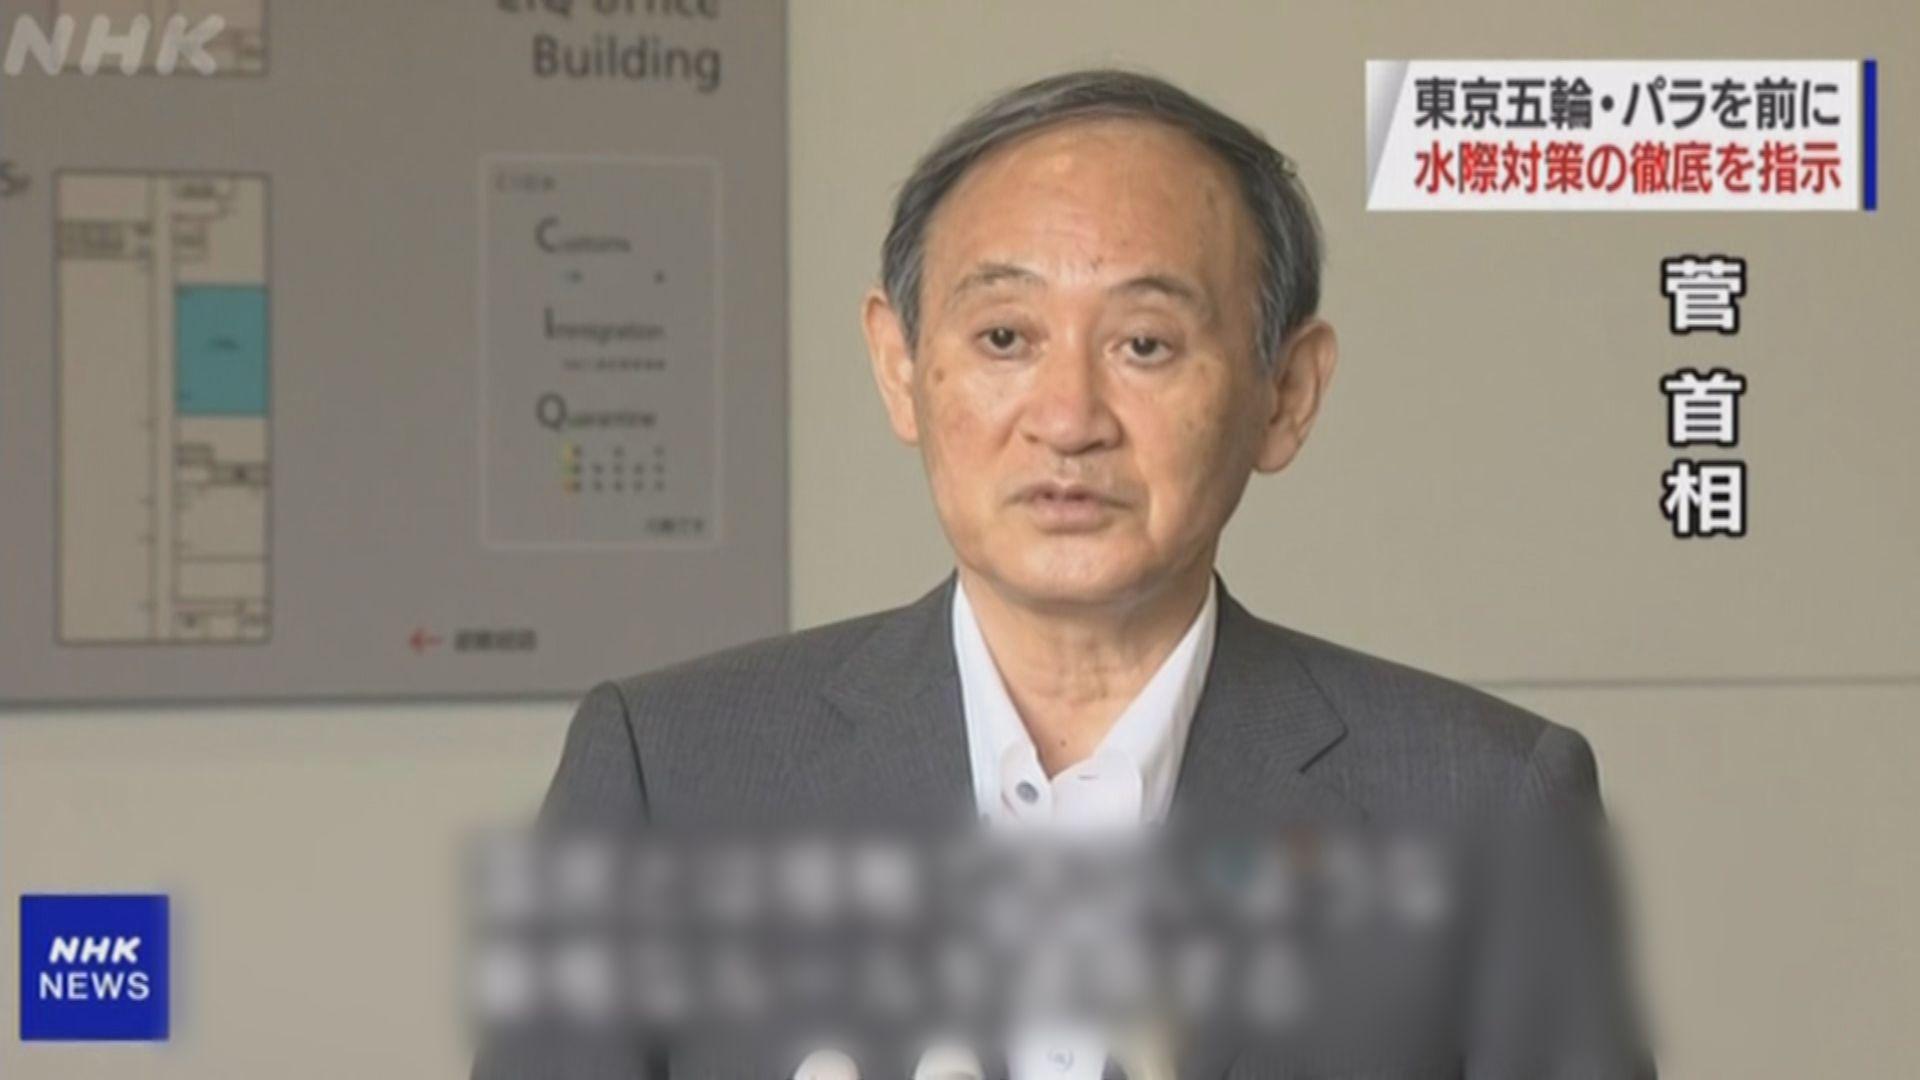 菅義偉:會做好運動員等相關人員檢疫措施